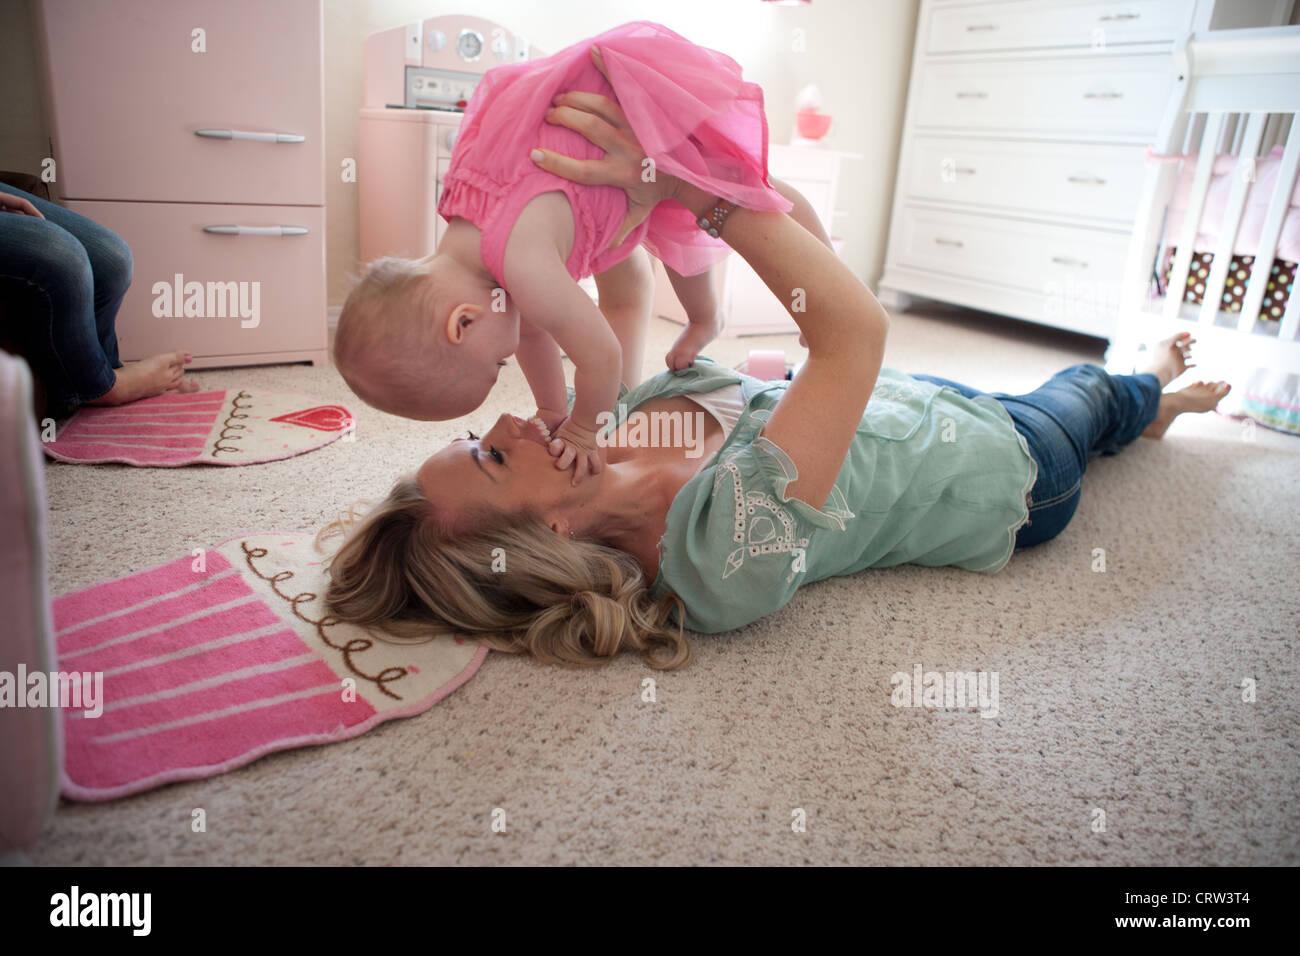 Mamá la celebración de sus 11 meses de edad y jugando en el dormitorio. Foto de stock